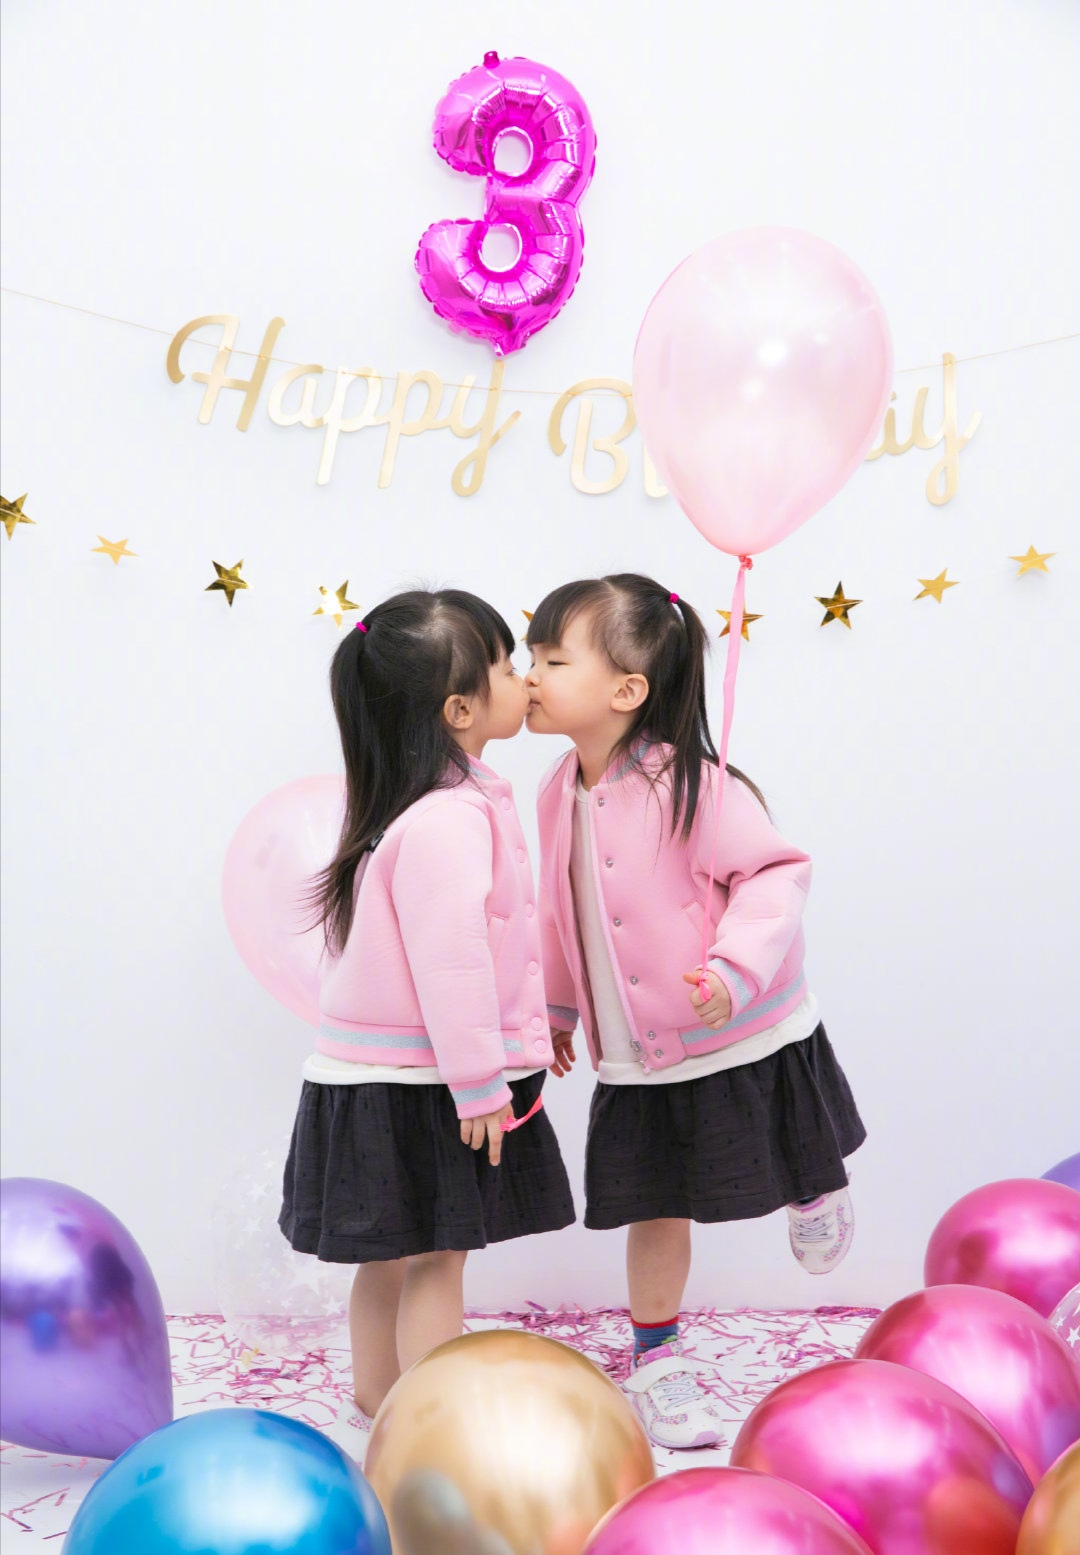 熊黛林为双胞胎女儿庆生,两姐妹颜值差距太大,一个像爸一个像妈